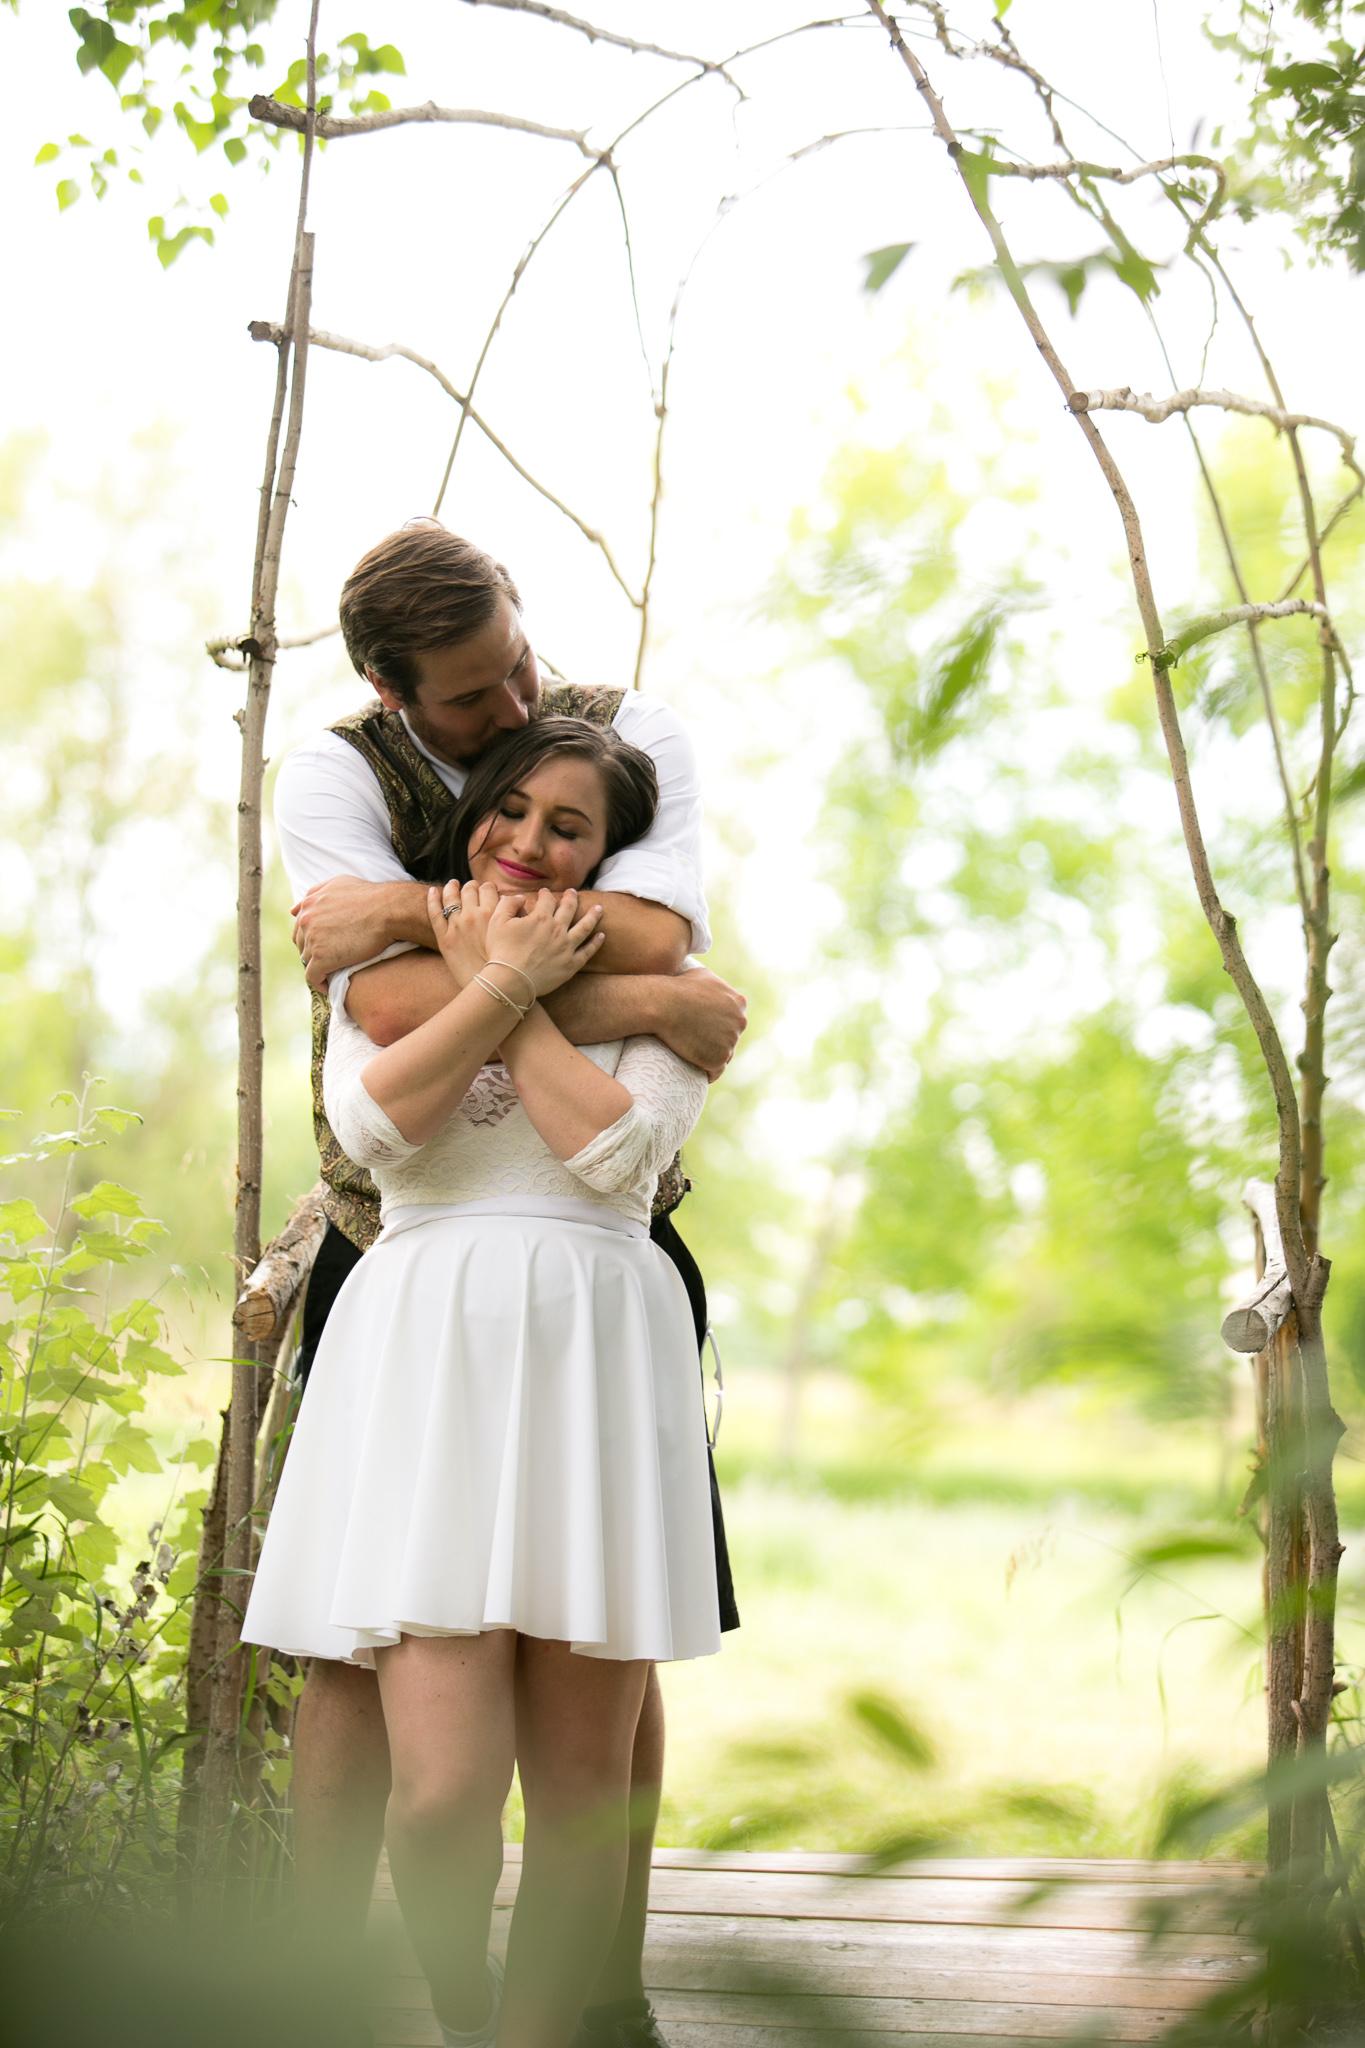 Liana&Steve-WEB-160723-099.jpg